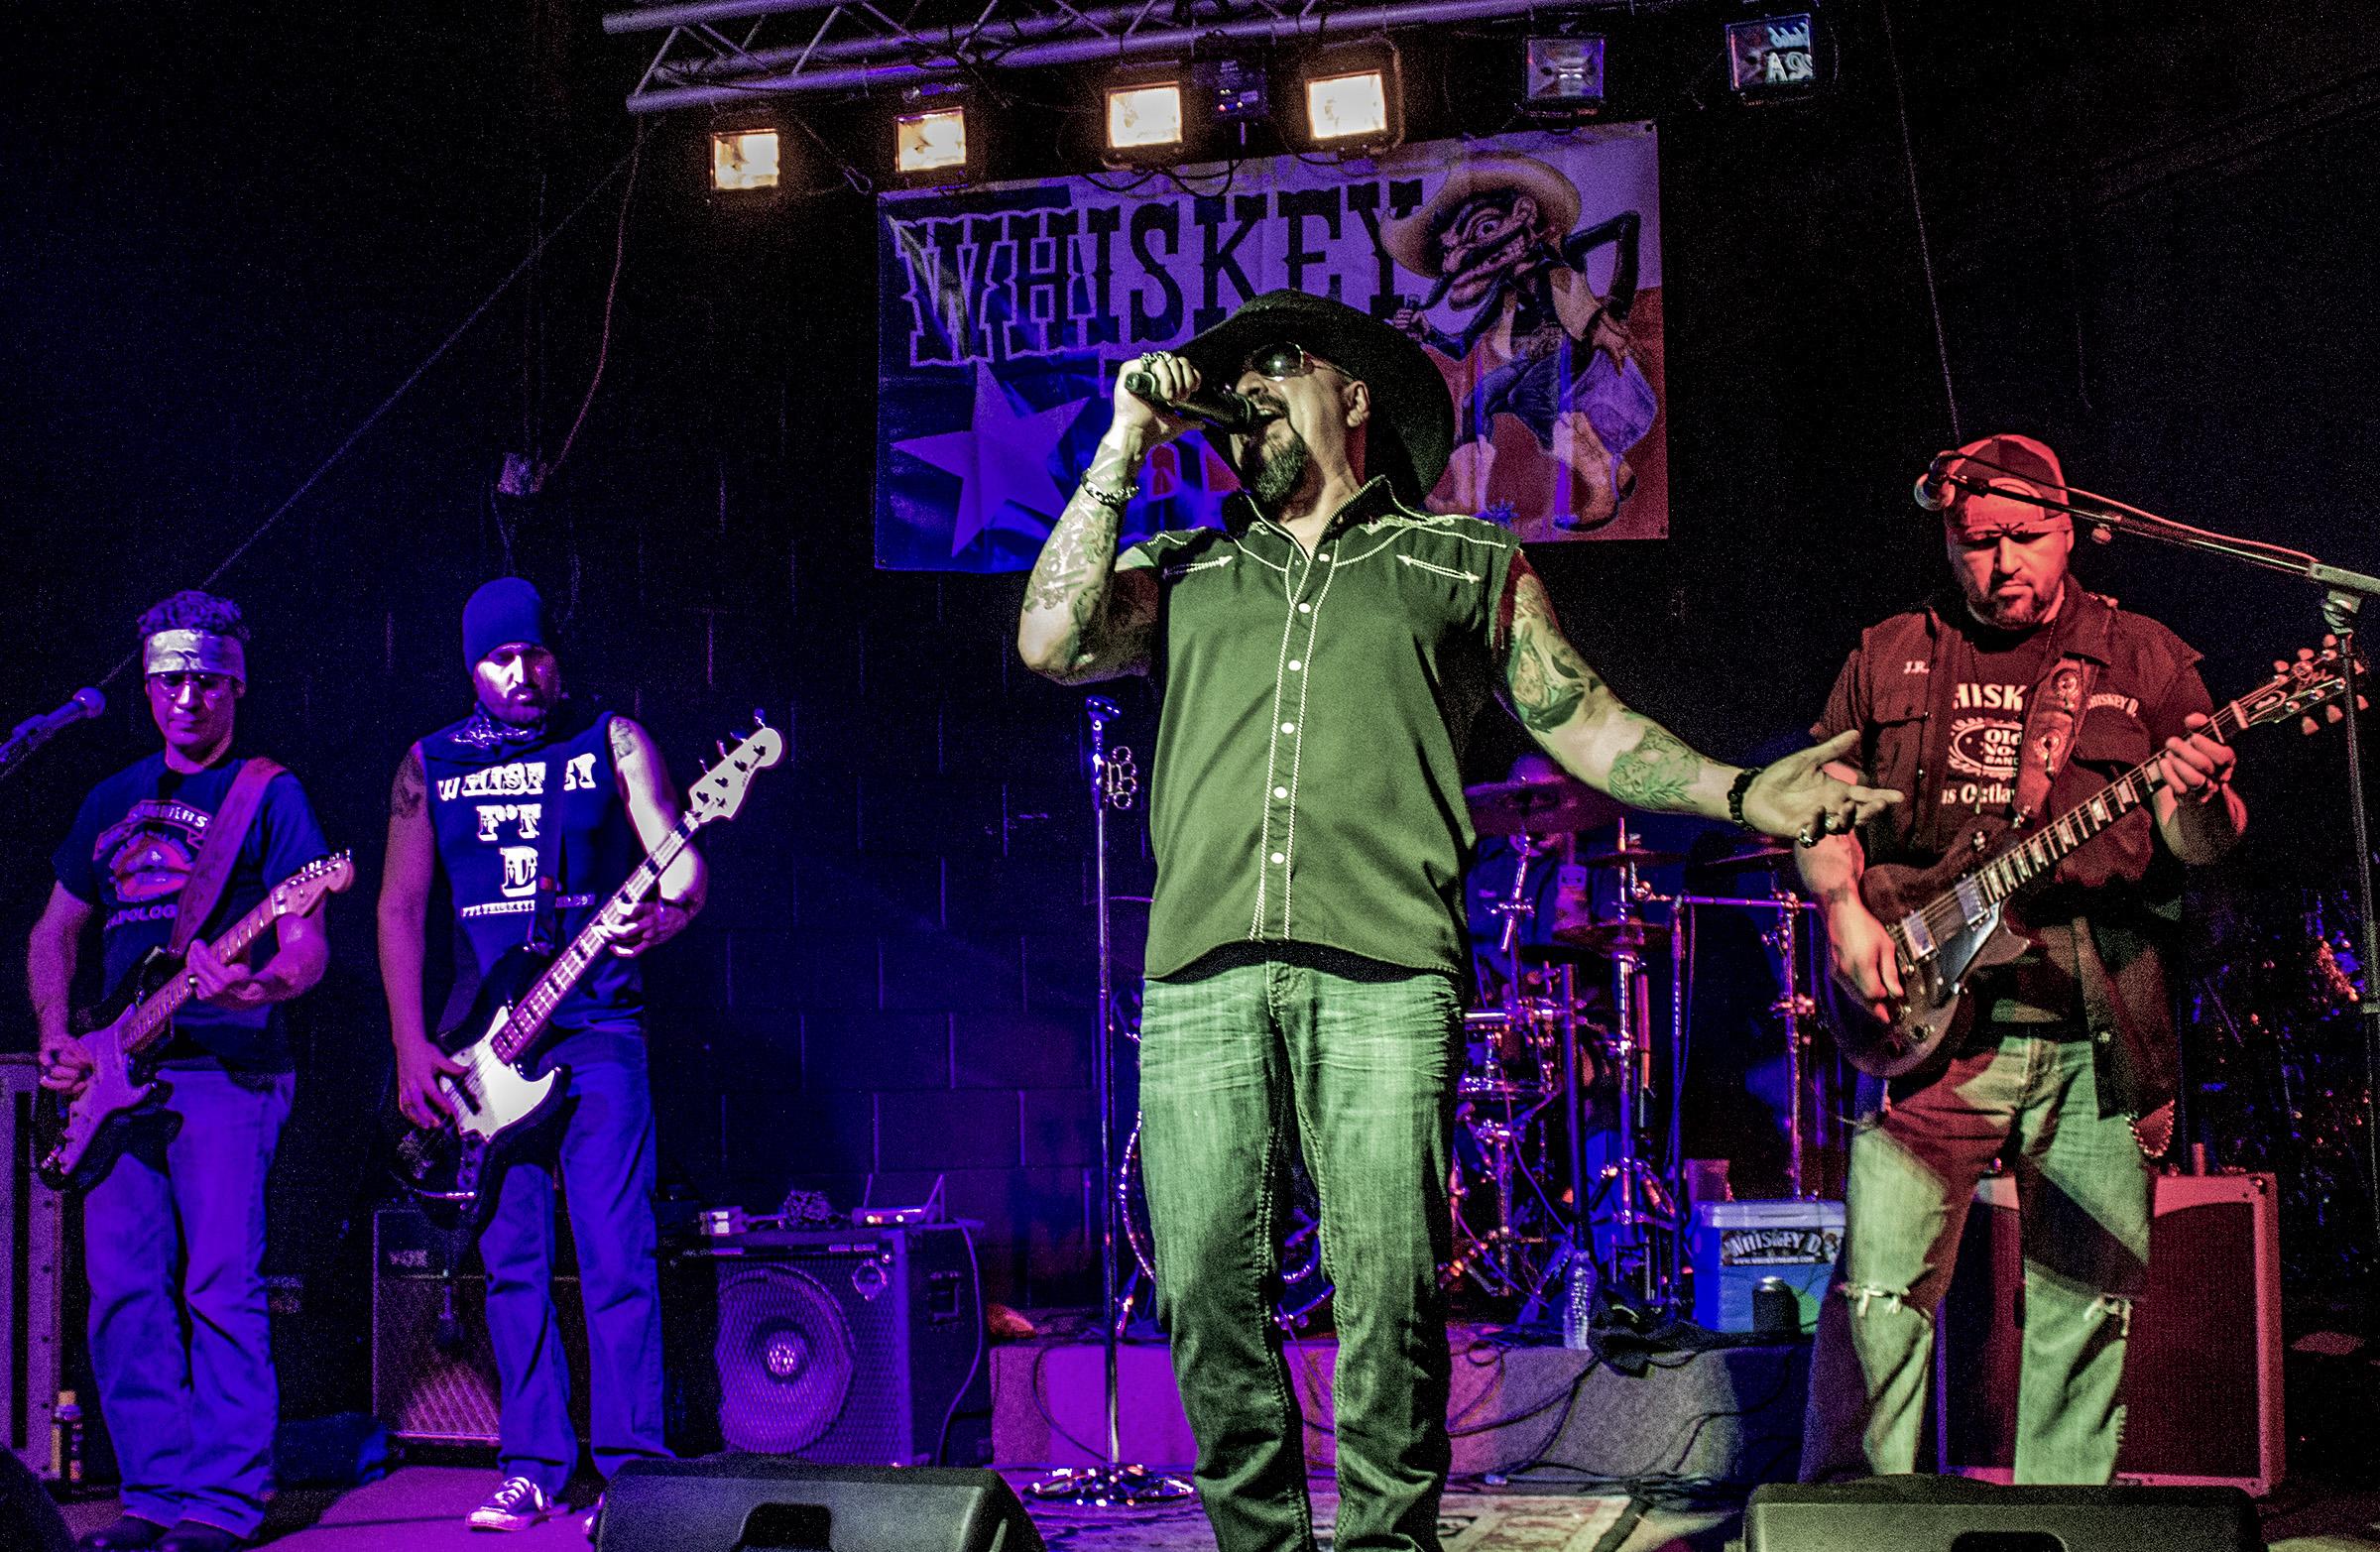 2013 band